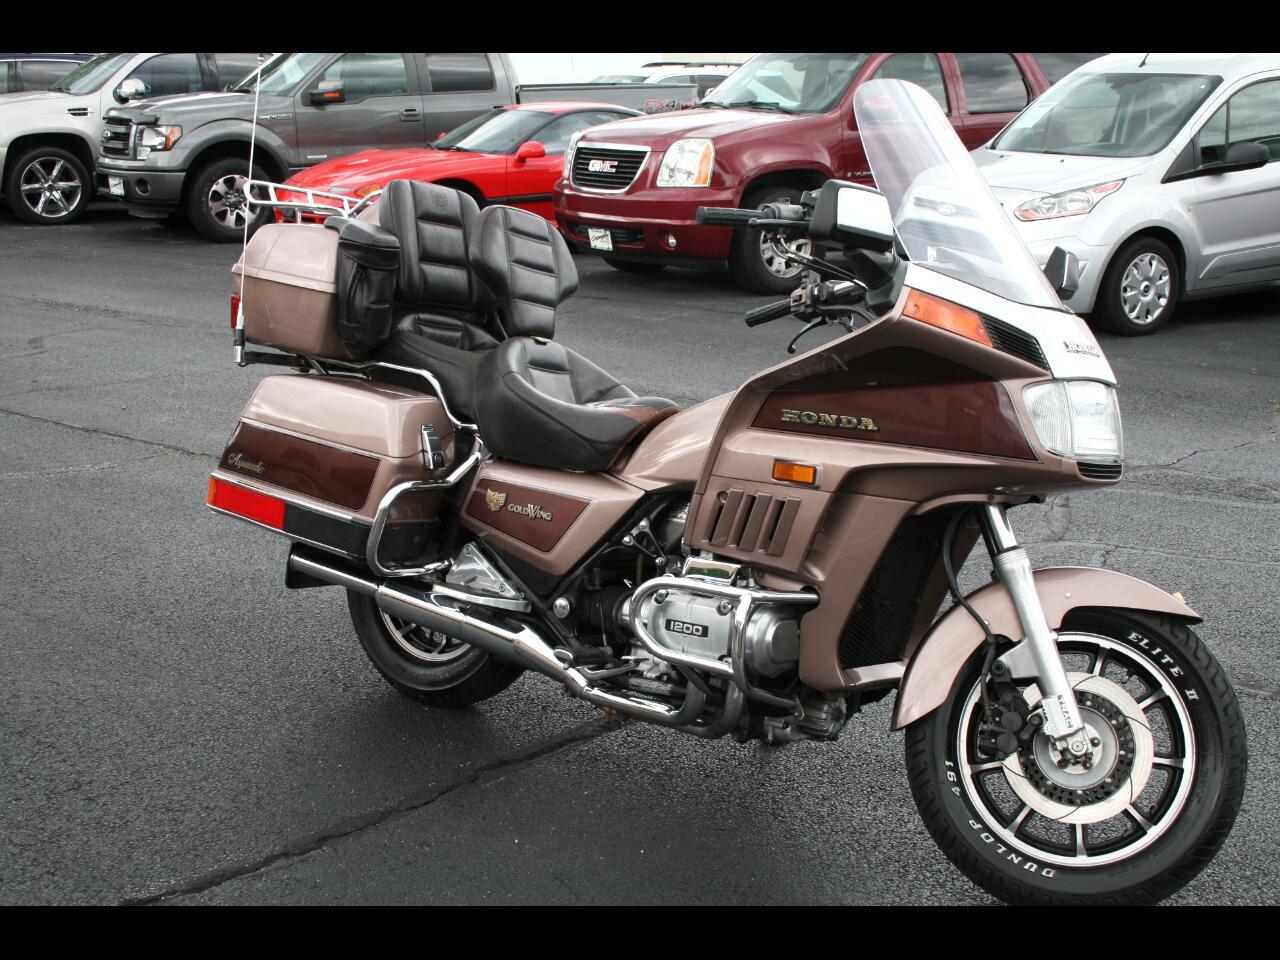 1986 Honda Goldwing 1200 Aspencade